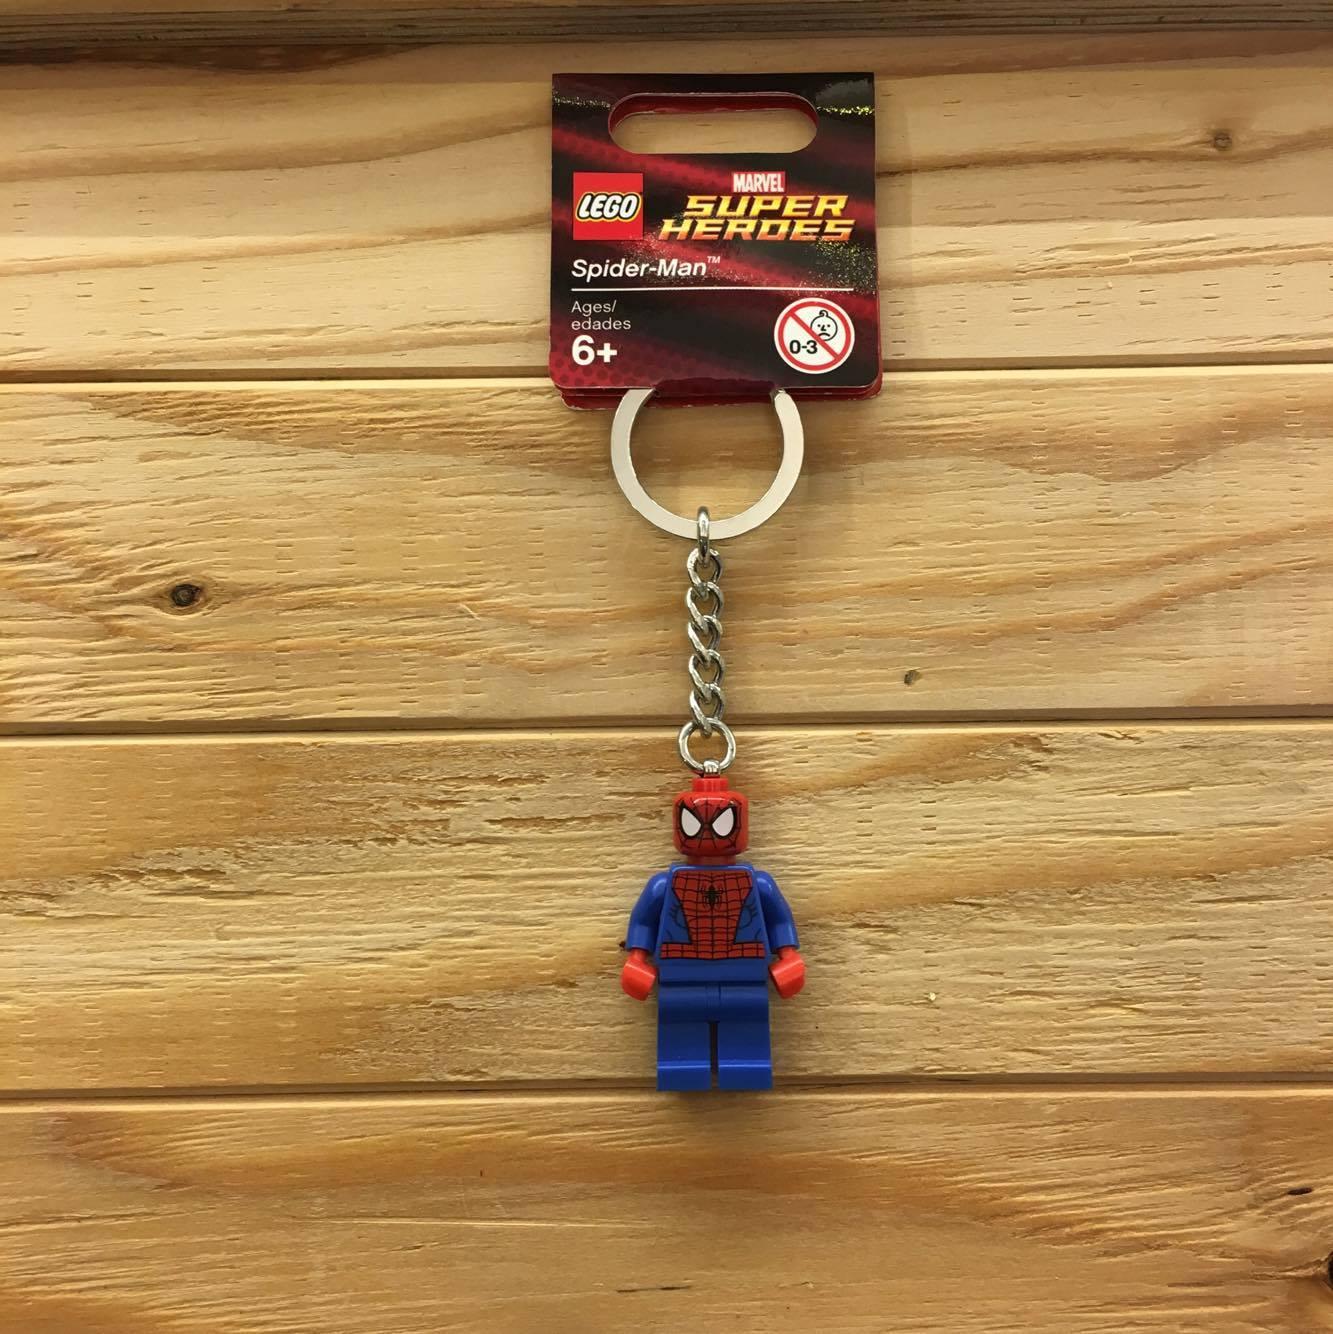 BEETLE LEGO SUPER HEROES SPIDER MAN 蜘蛛人 彼得 班傑明 樂高 積木 鑰匙圈 玩具 0